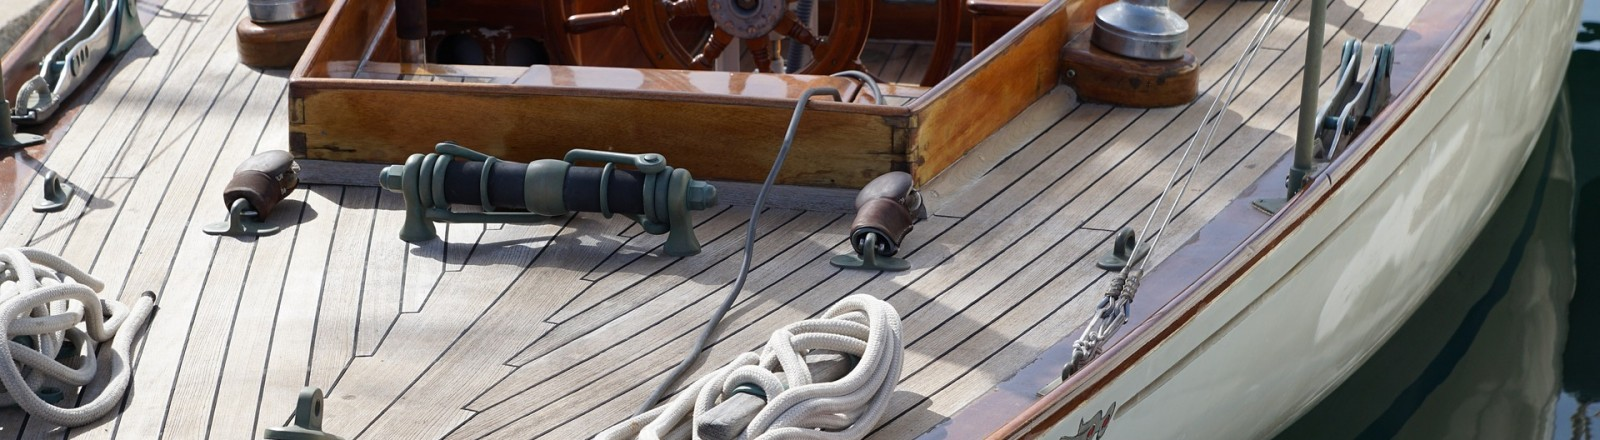 Barcos 2